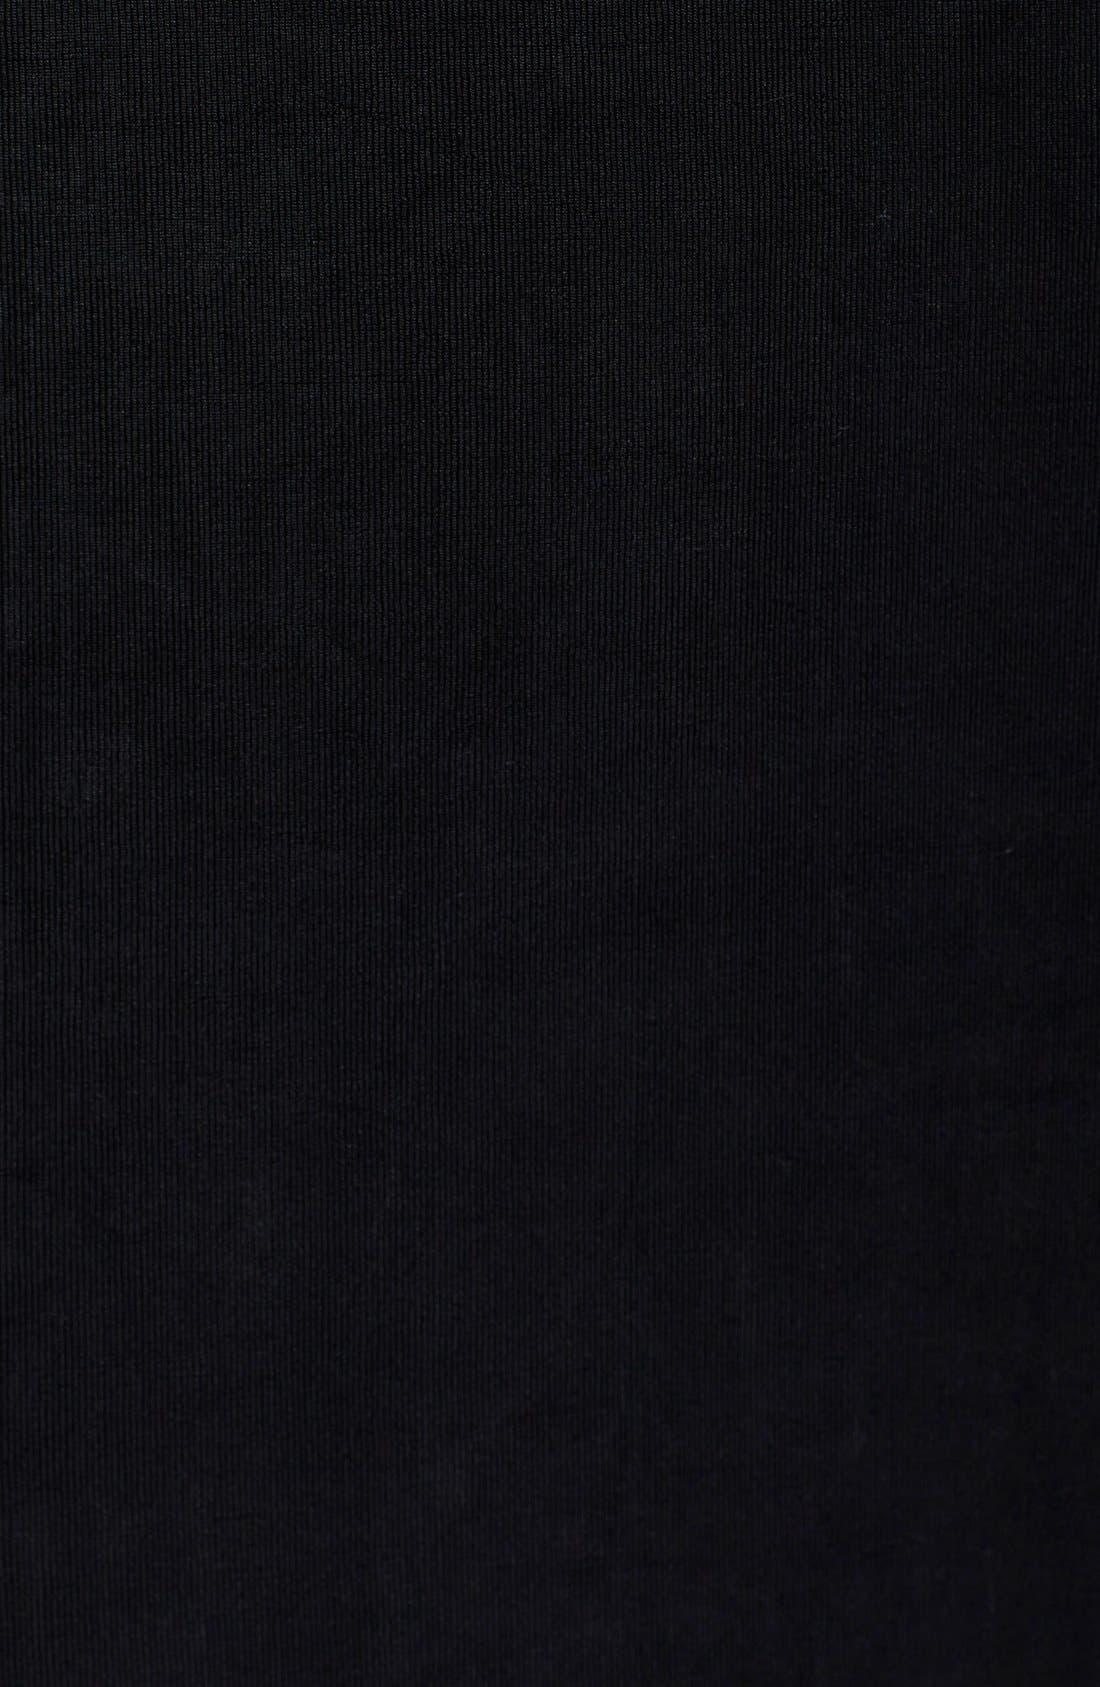 Sleeveless Maxi Tank Dress,                             Alternate thumbnail 8, color,                             BLACK